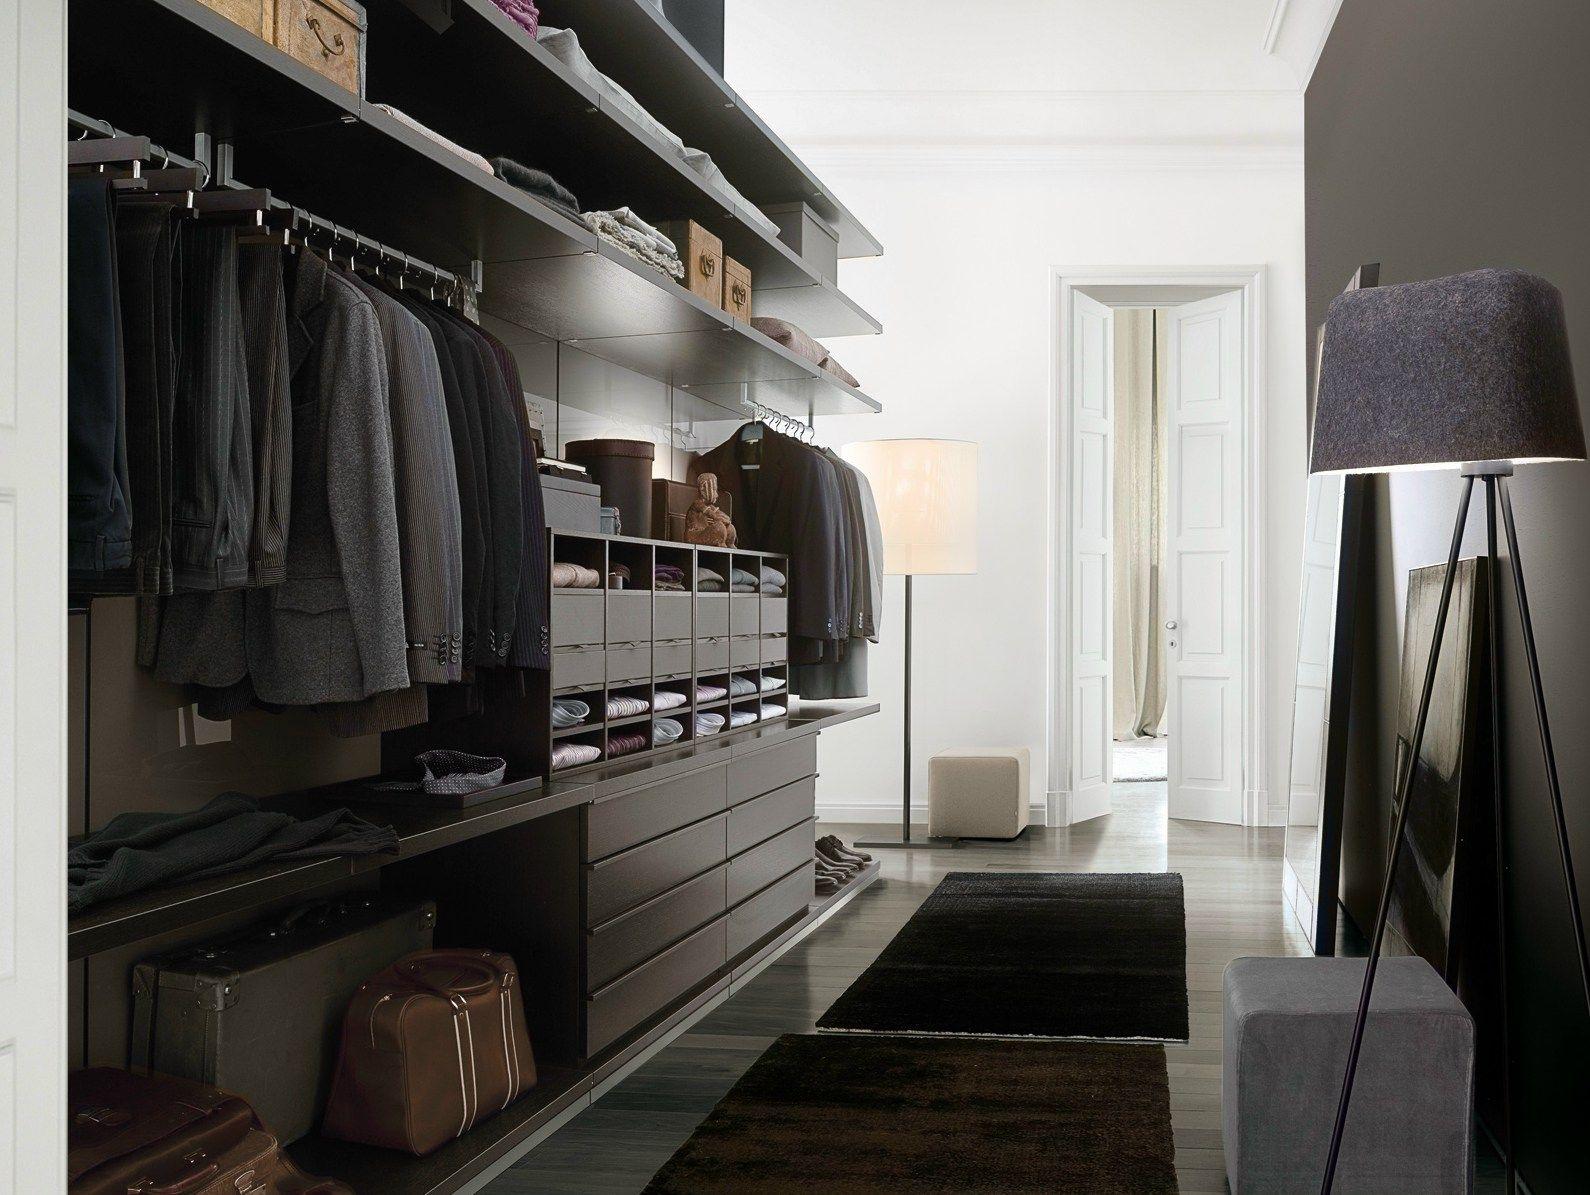 Cabina armadio UBIK by Poliform | Diseño - Mob - Placards y ...